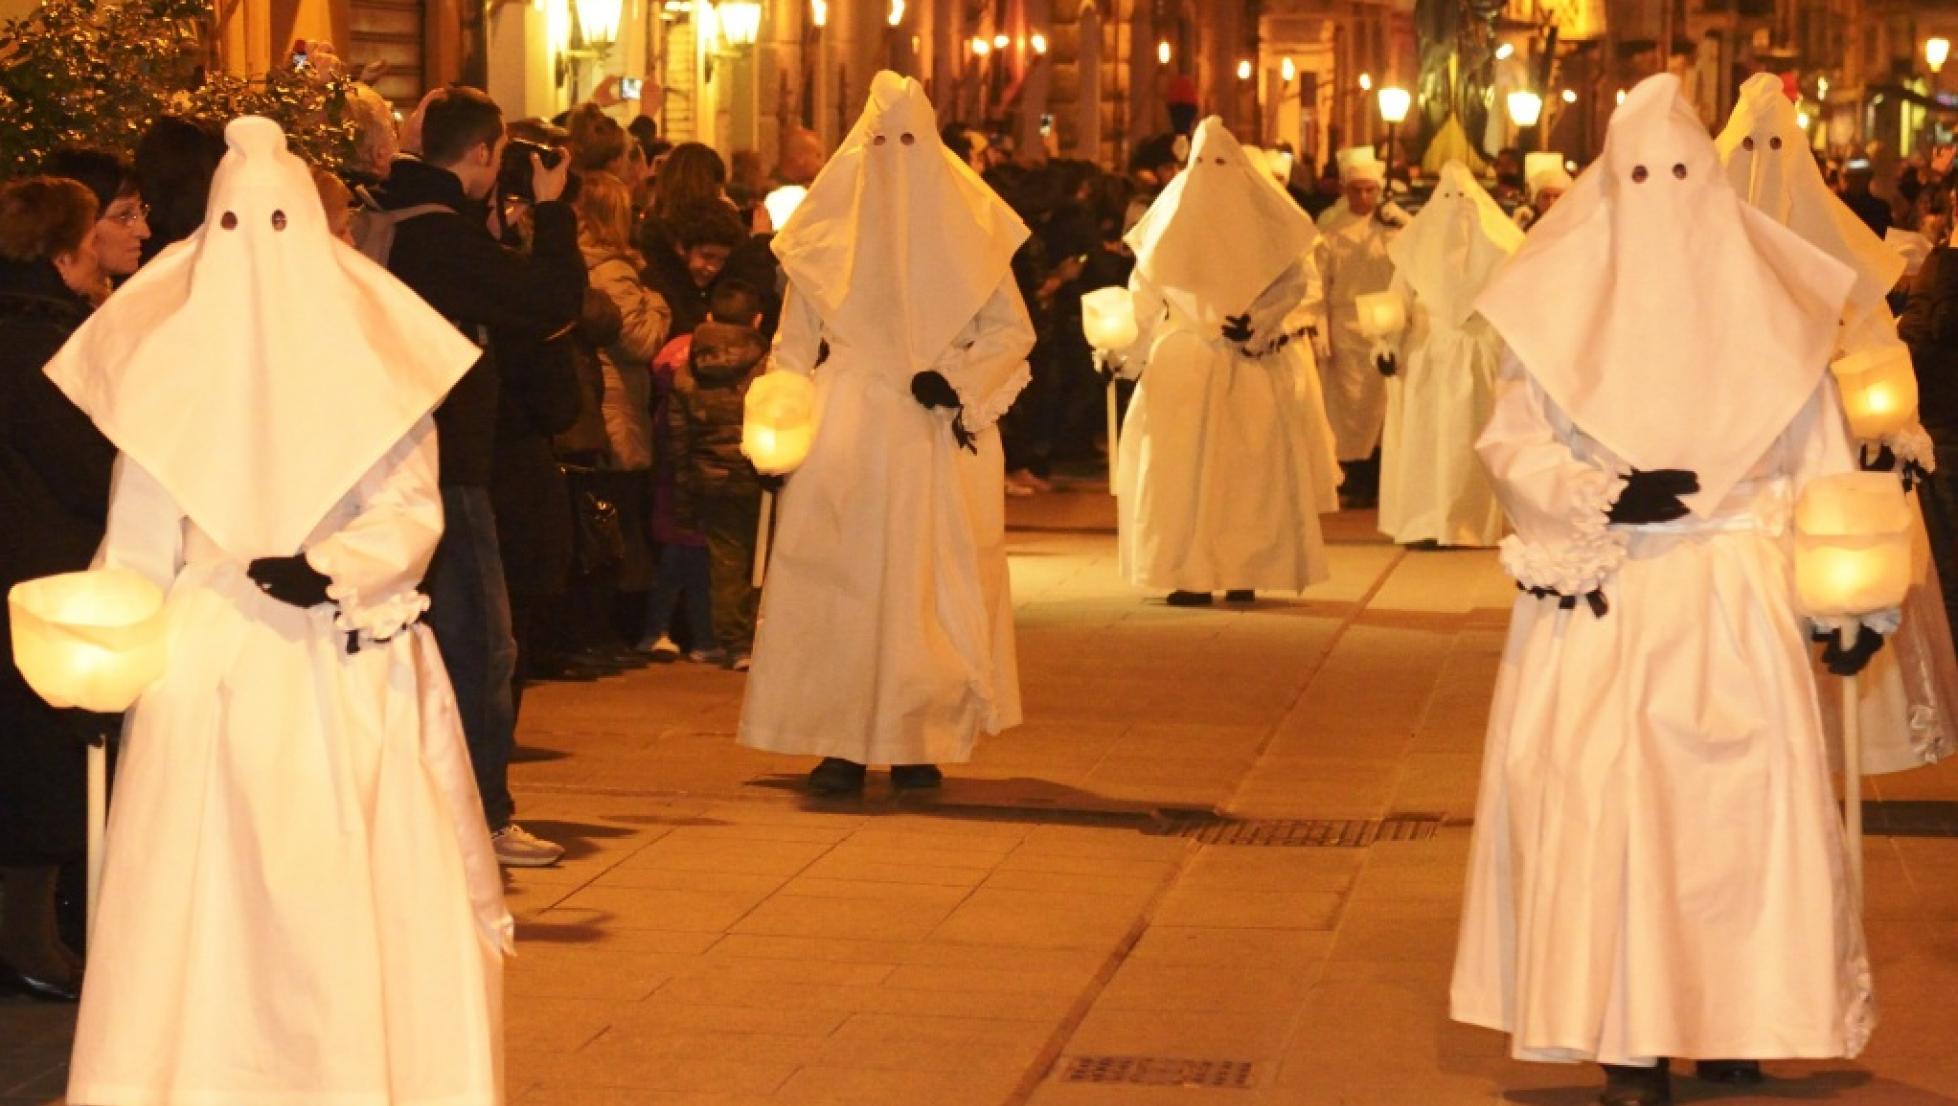 settimana santa Iglesias_processione venerdì santo